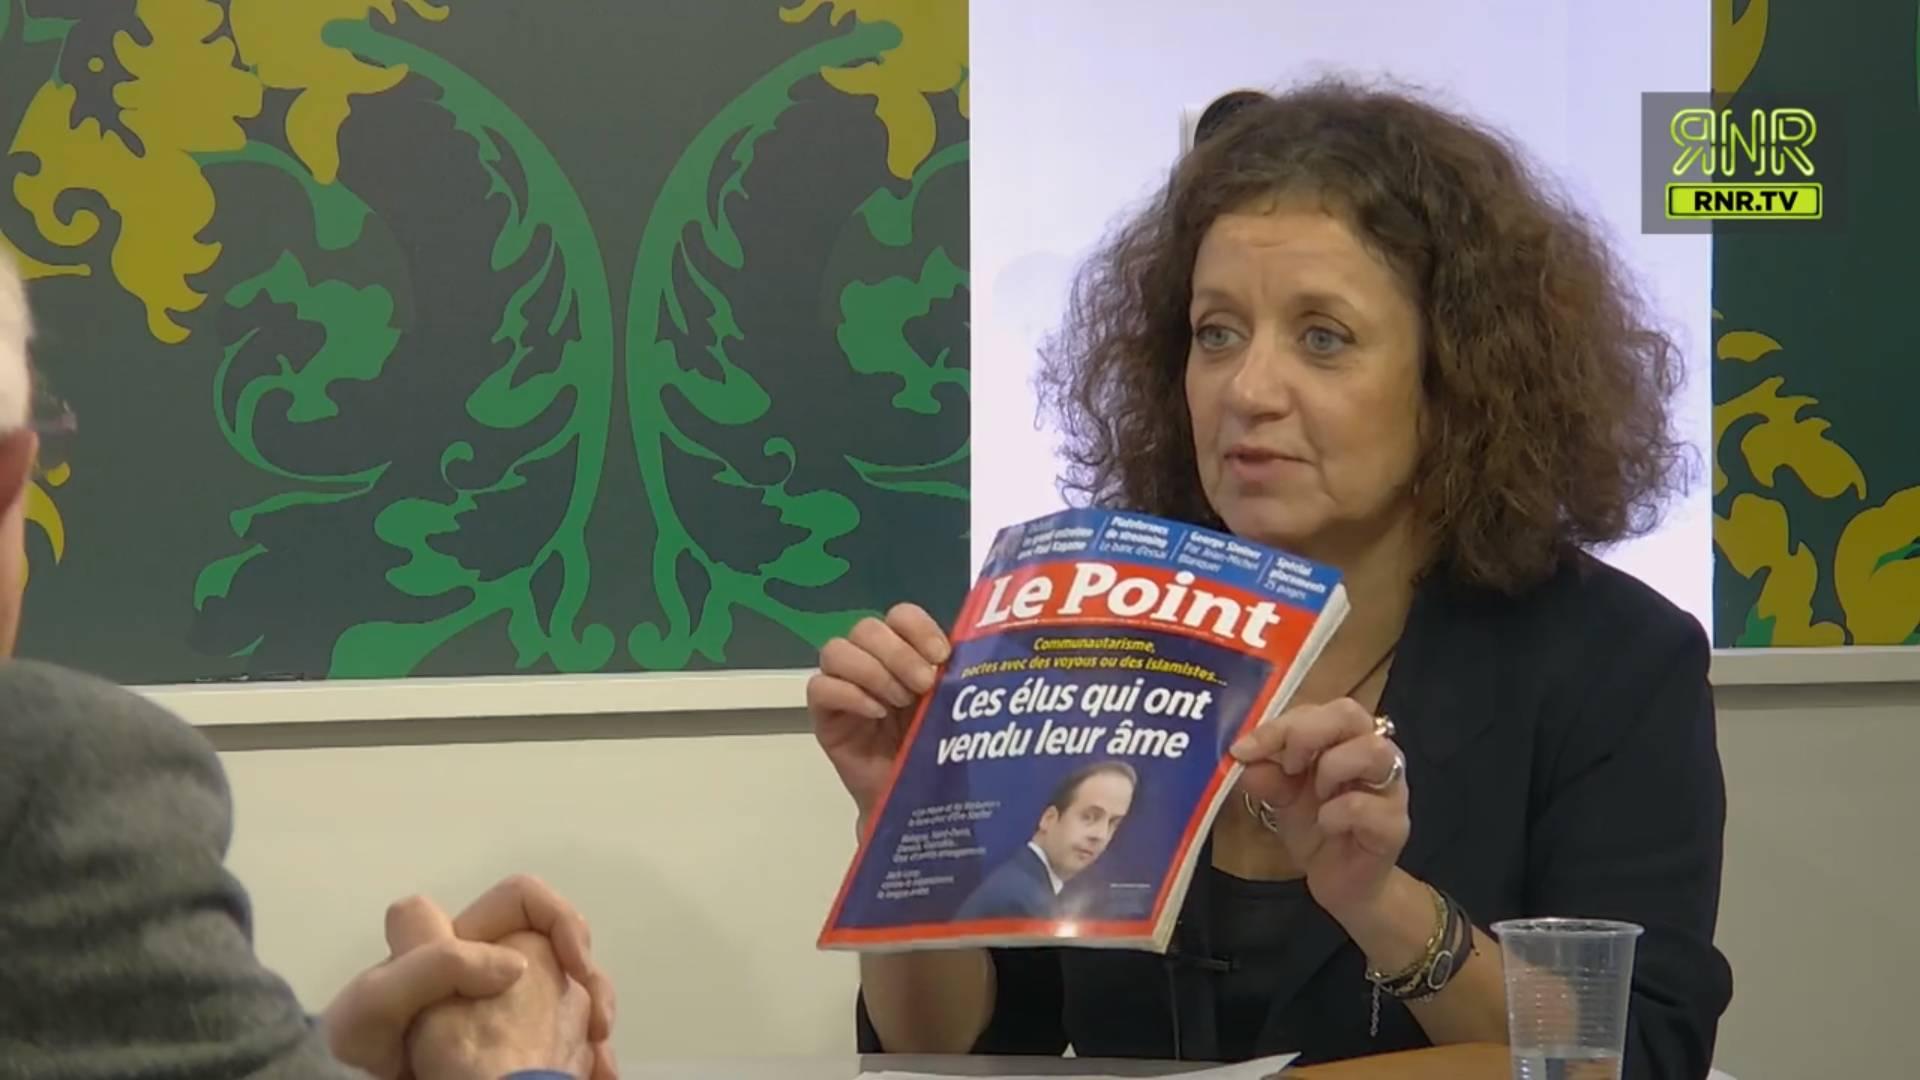 Elisabeth Lévy face à Marcel Gauchet sur REACnROLL. Image: capture d'écran RNR.TV